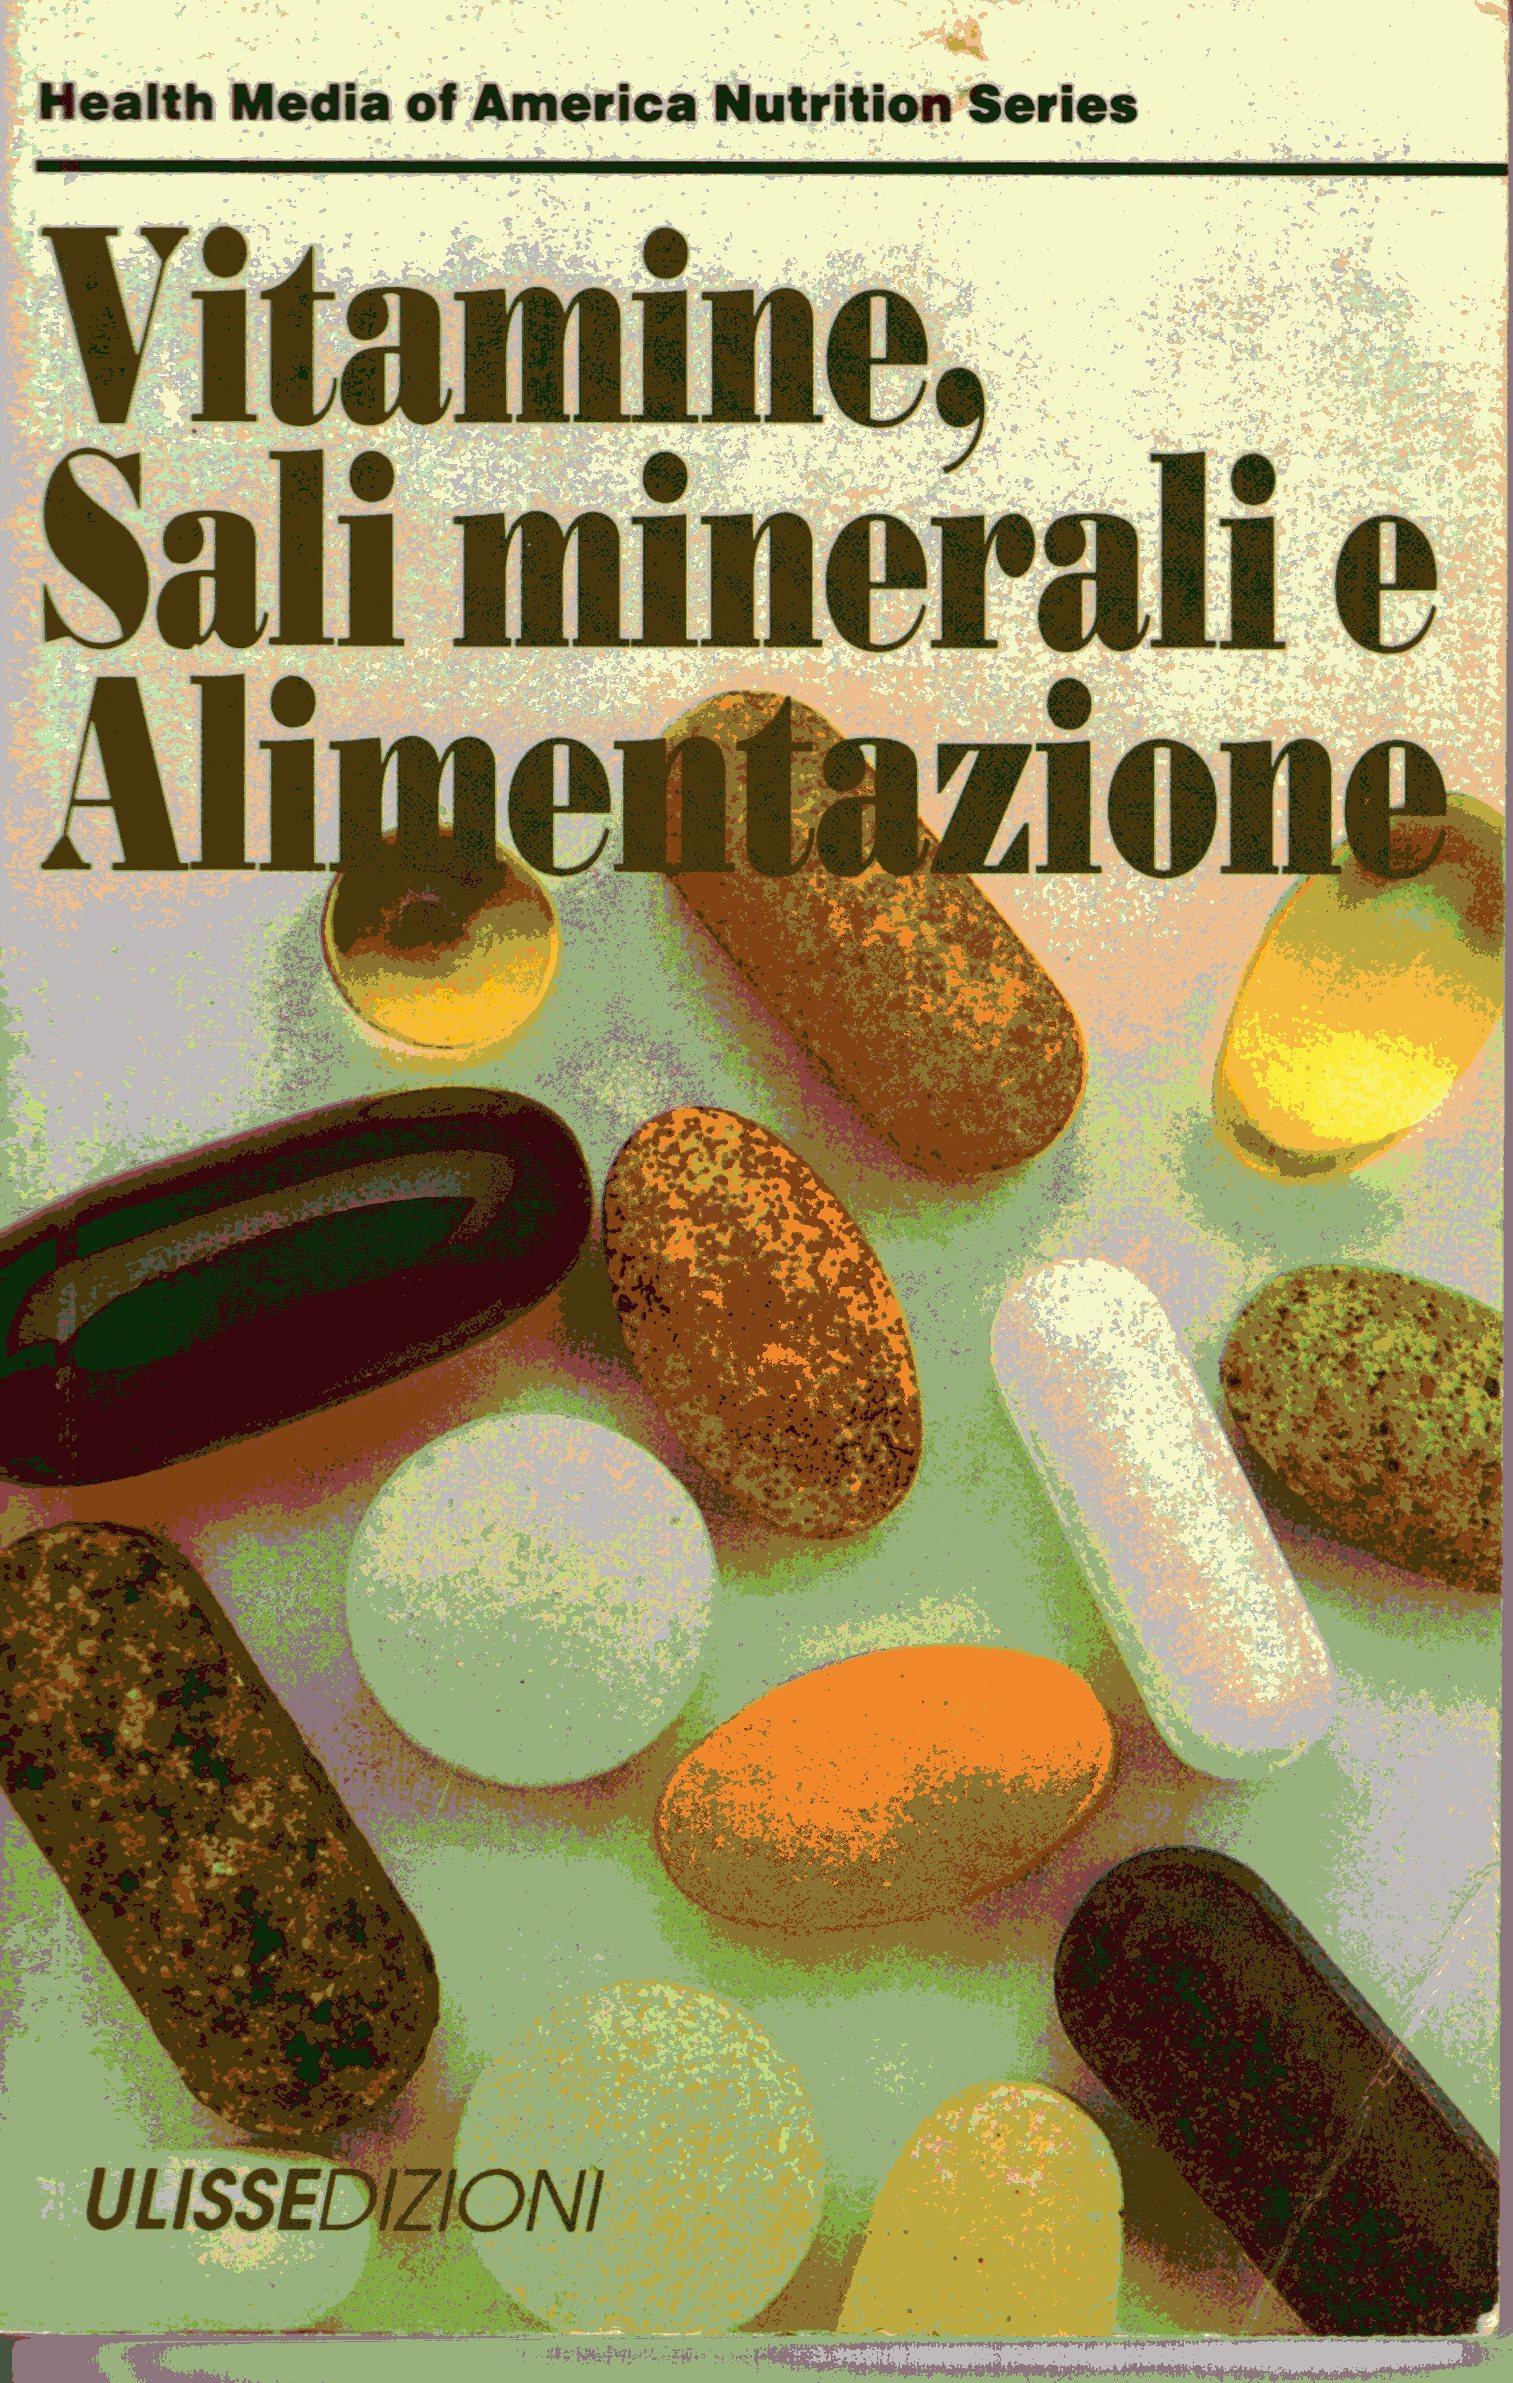 Vitamine, sali minerali e alimentazione